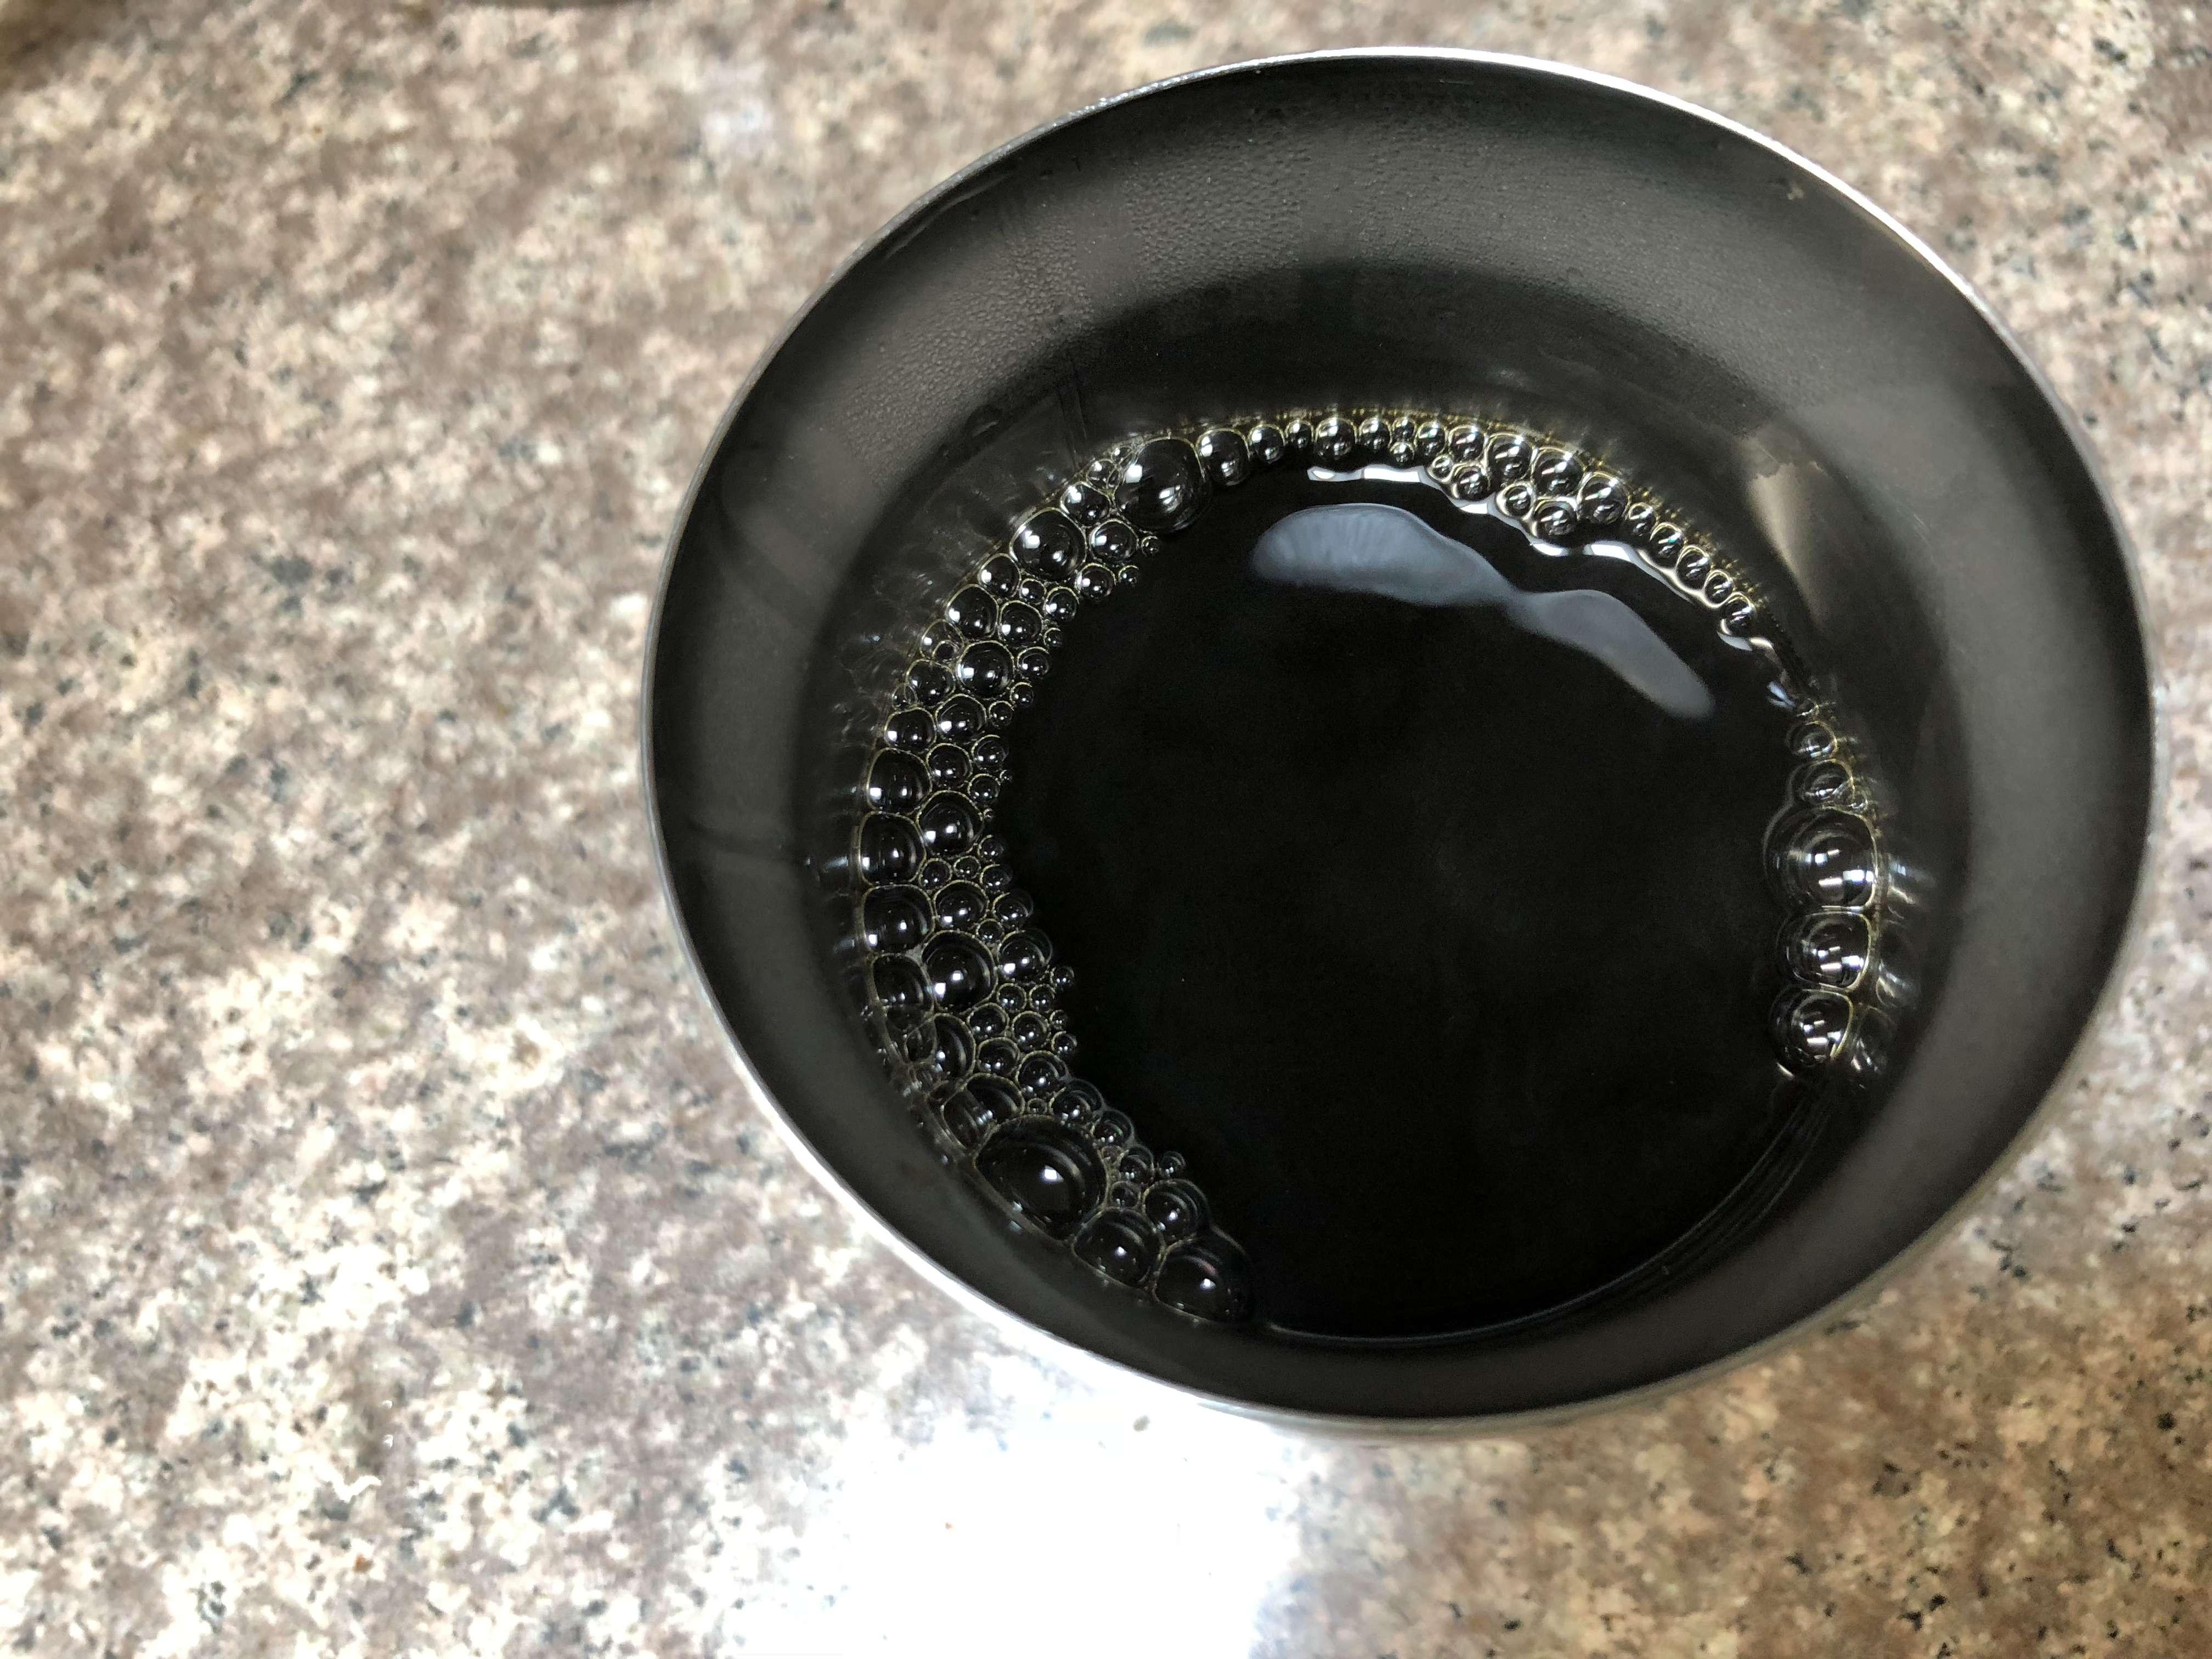 ハンドドリップ コーヒー 入れ方 コツ 器具 道具 おすすめ